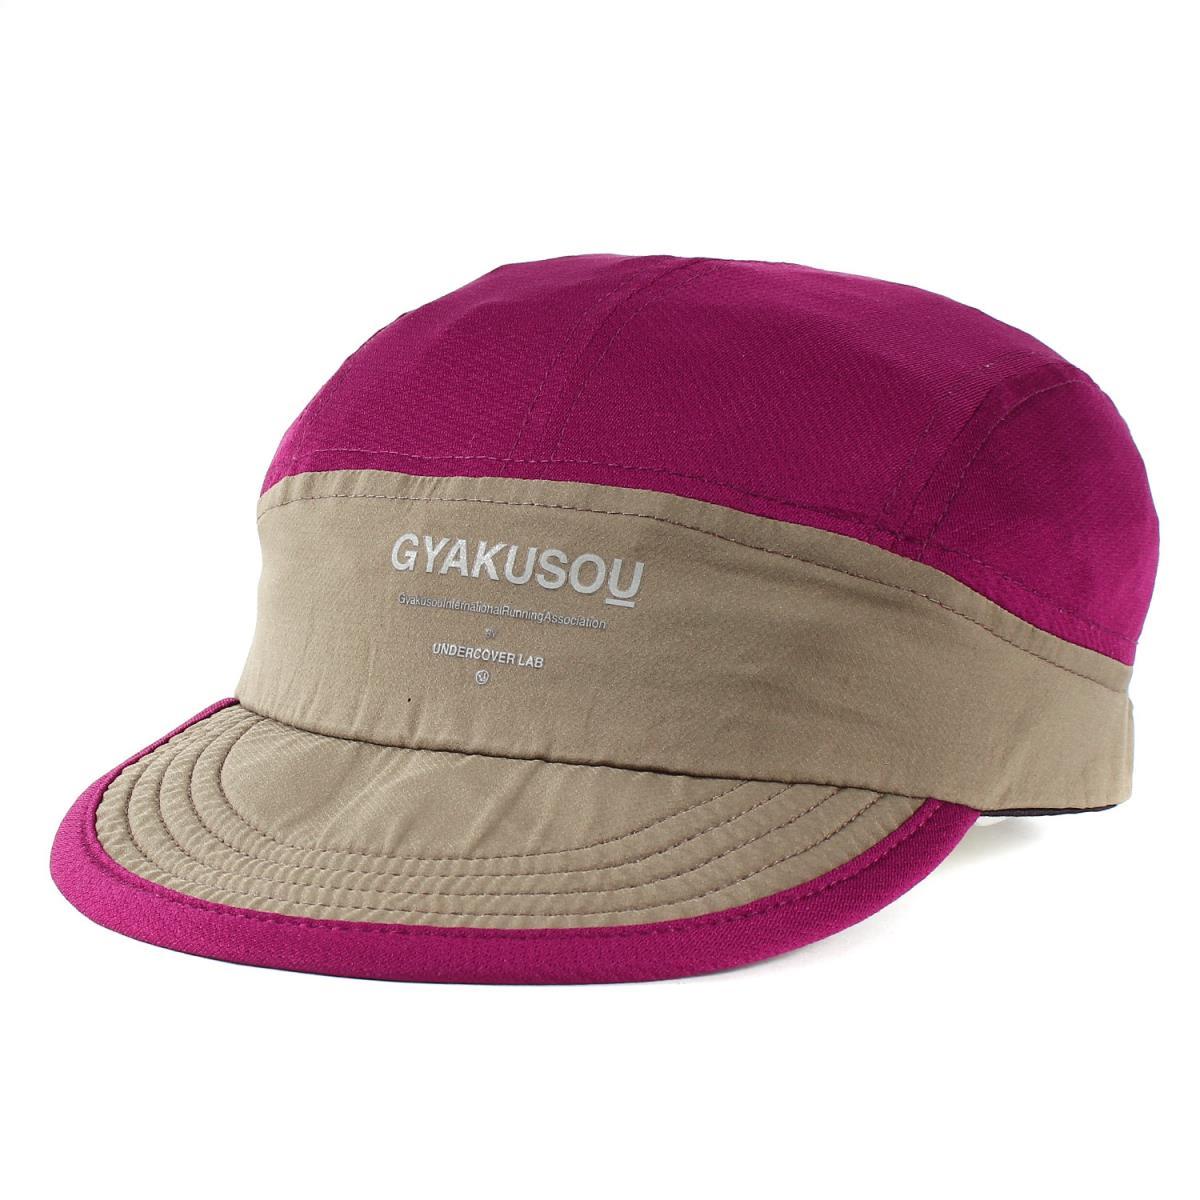 メンズ帽子, キャップ UNDERCOVER NIKE GYAKUSOU K2759